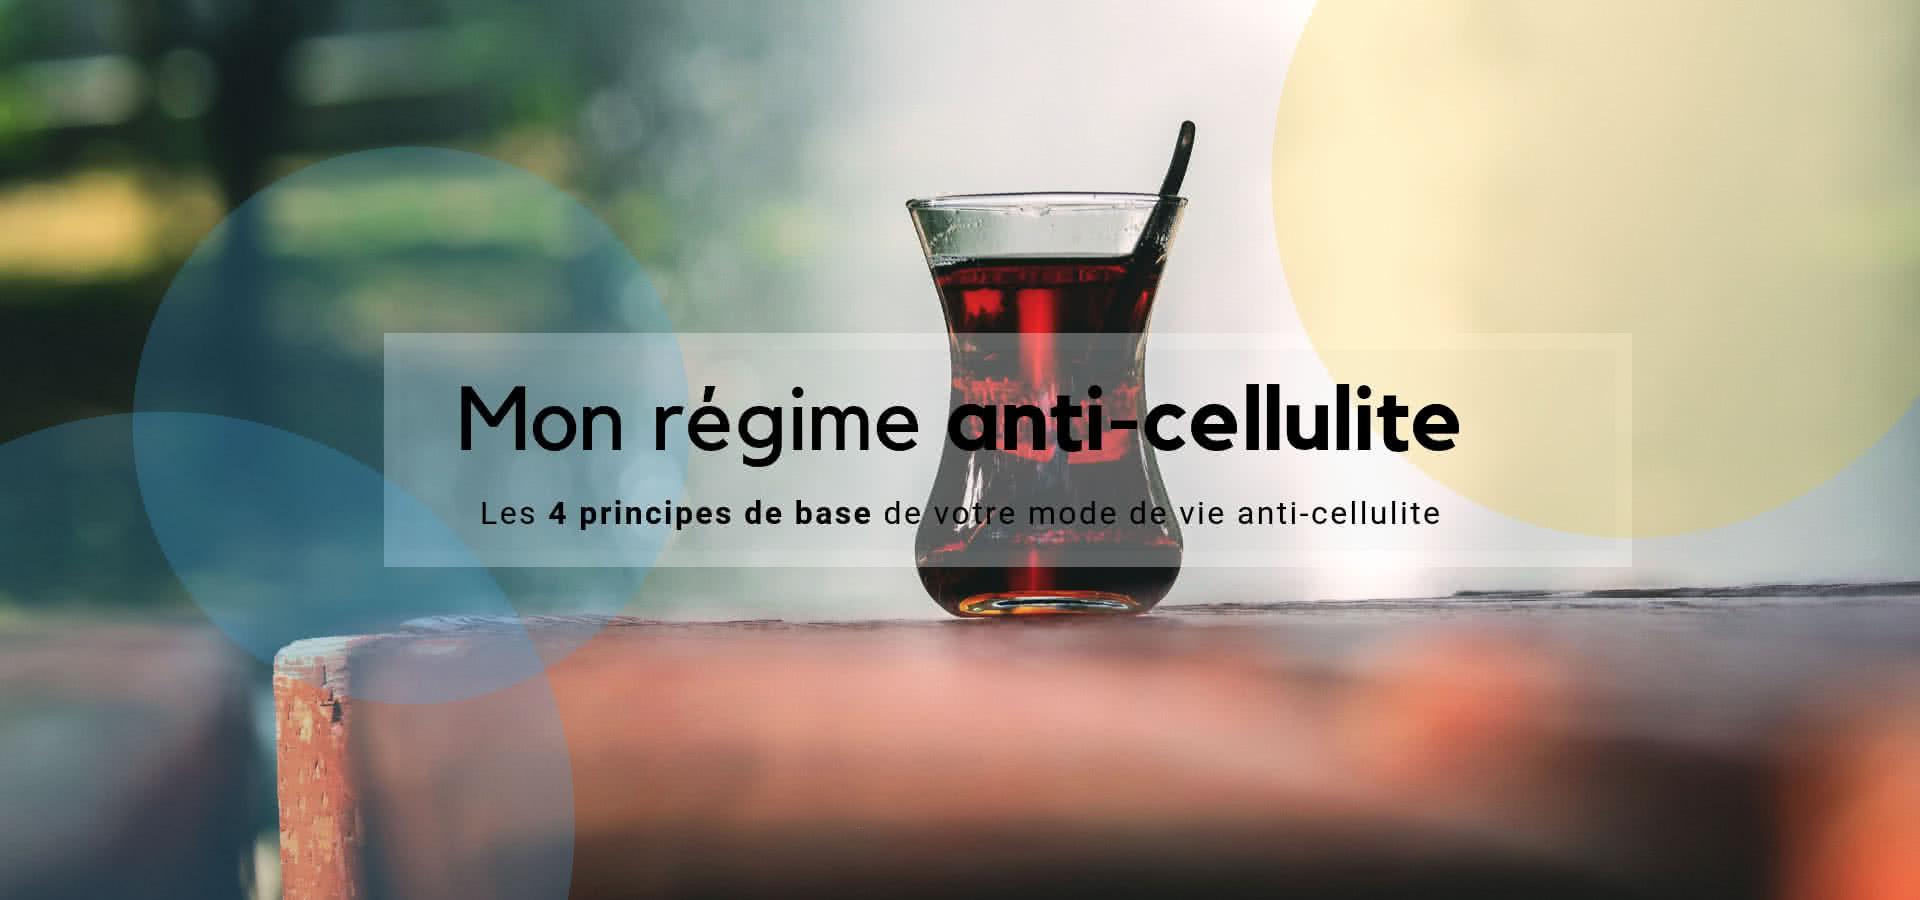 mon-regime-anti-cellulite